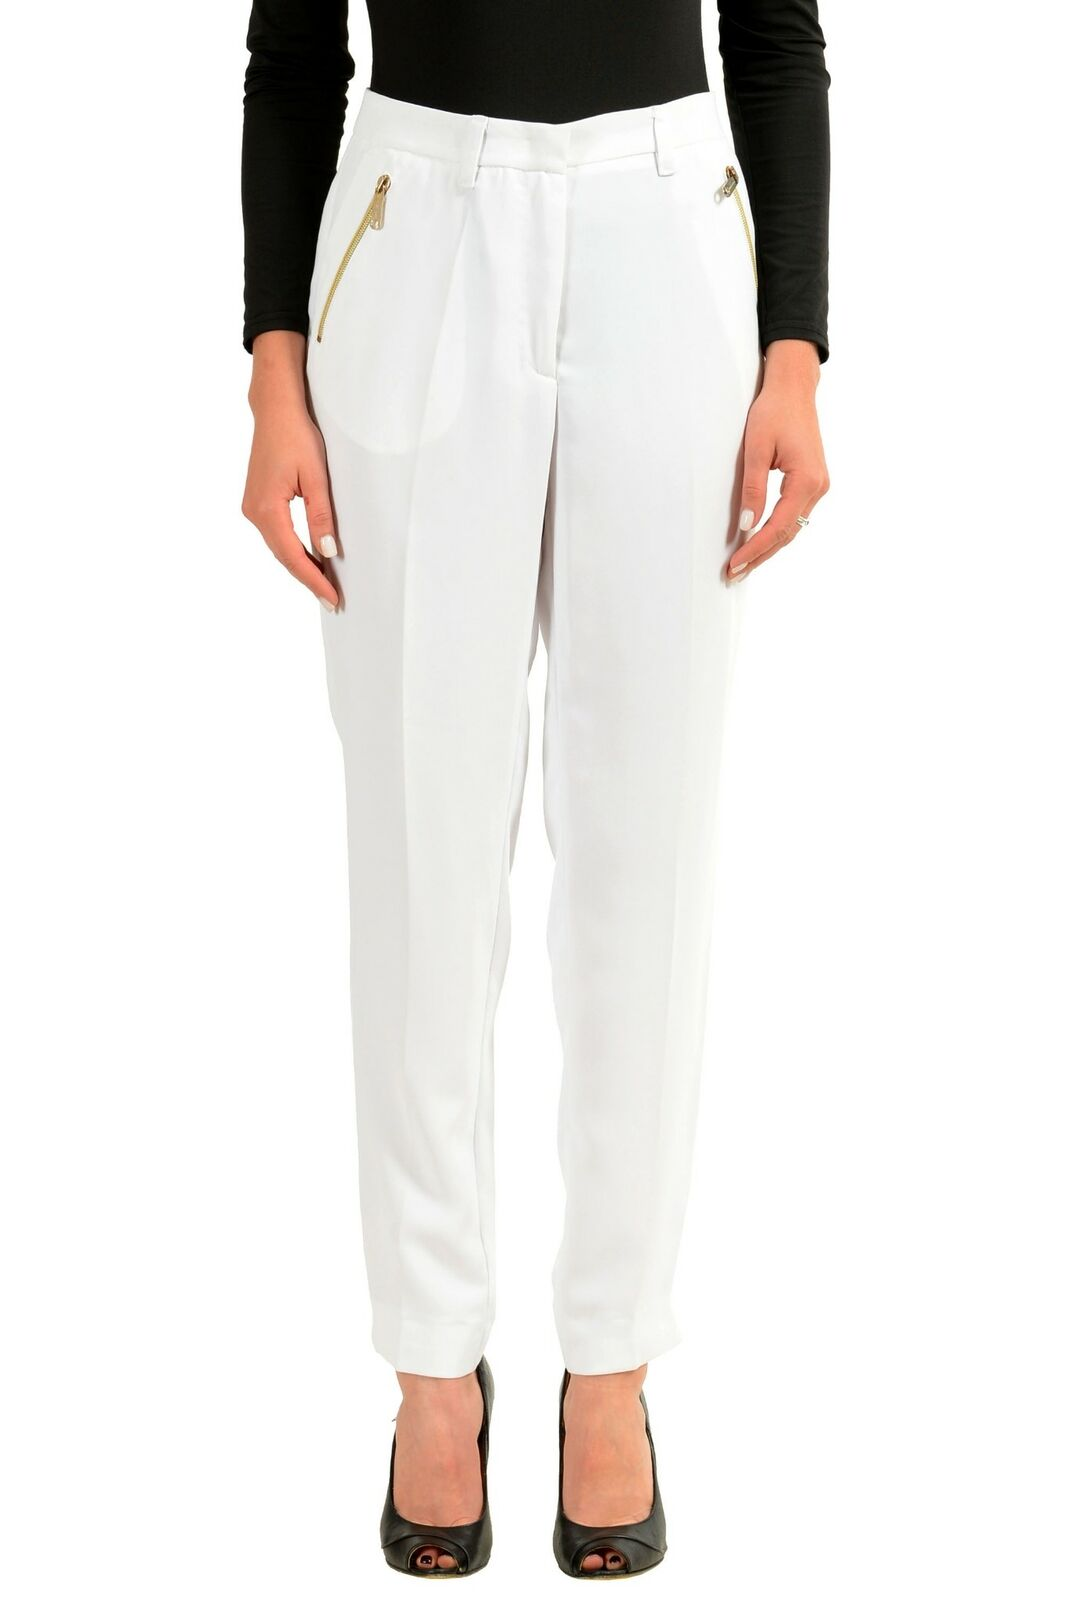 Versace Jeans Weiß Damen Freizeithose Sz 6 6 6 8 10 | Gemäßigten Kosten  | Lebensecht  | Deutschland Frankfurt  9a2a81